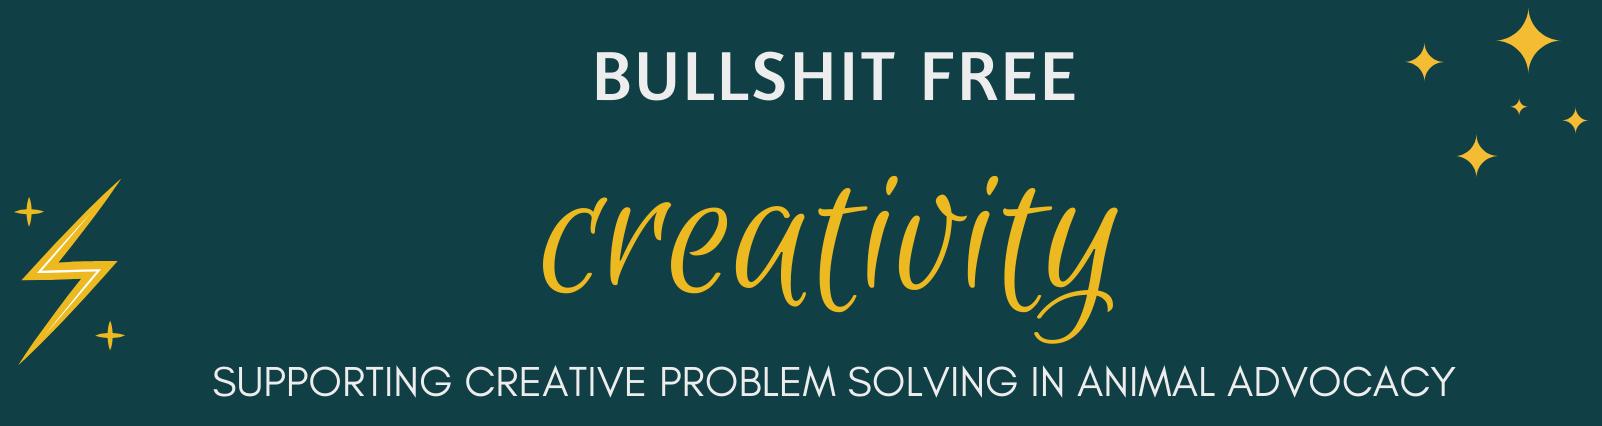 Bullshit Free Creativity